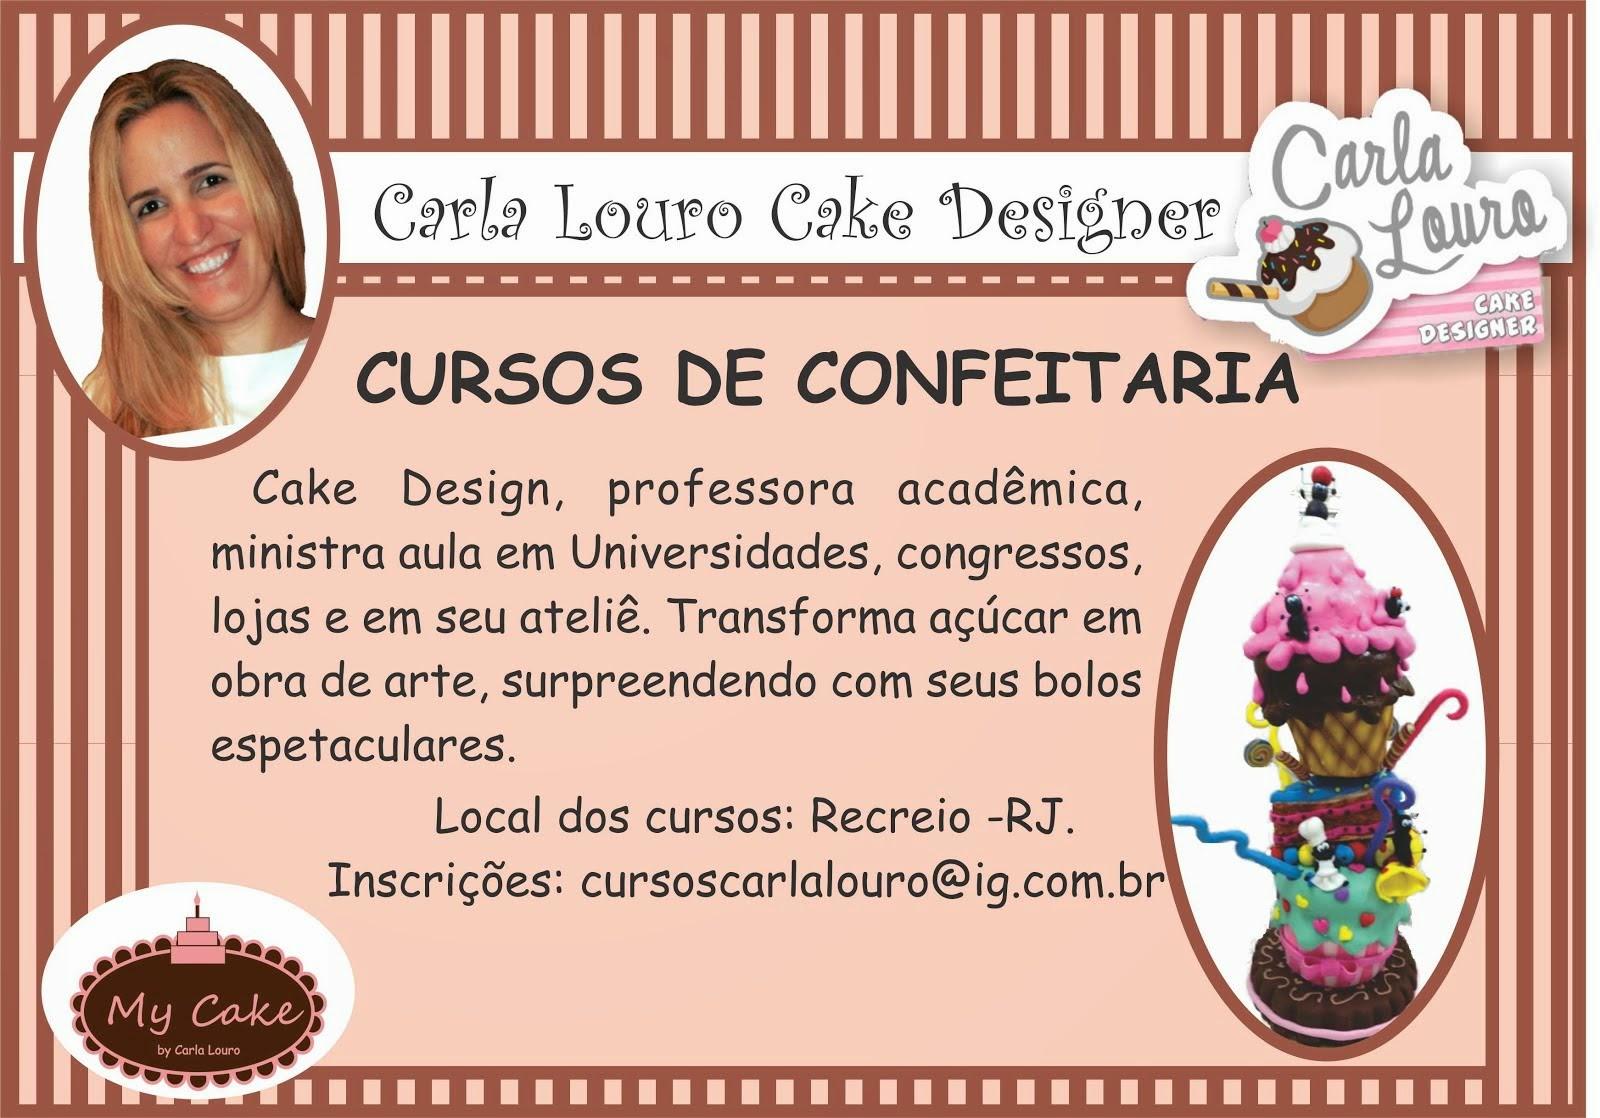 Sobre Carla Louro